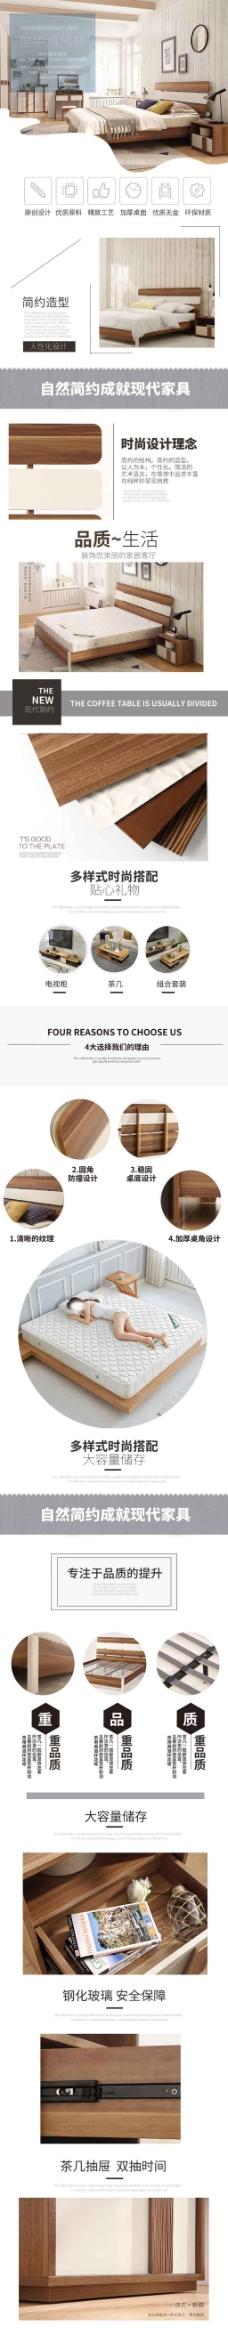 家居实木床详情页沙发实木餐椅详情页